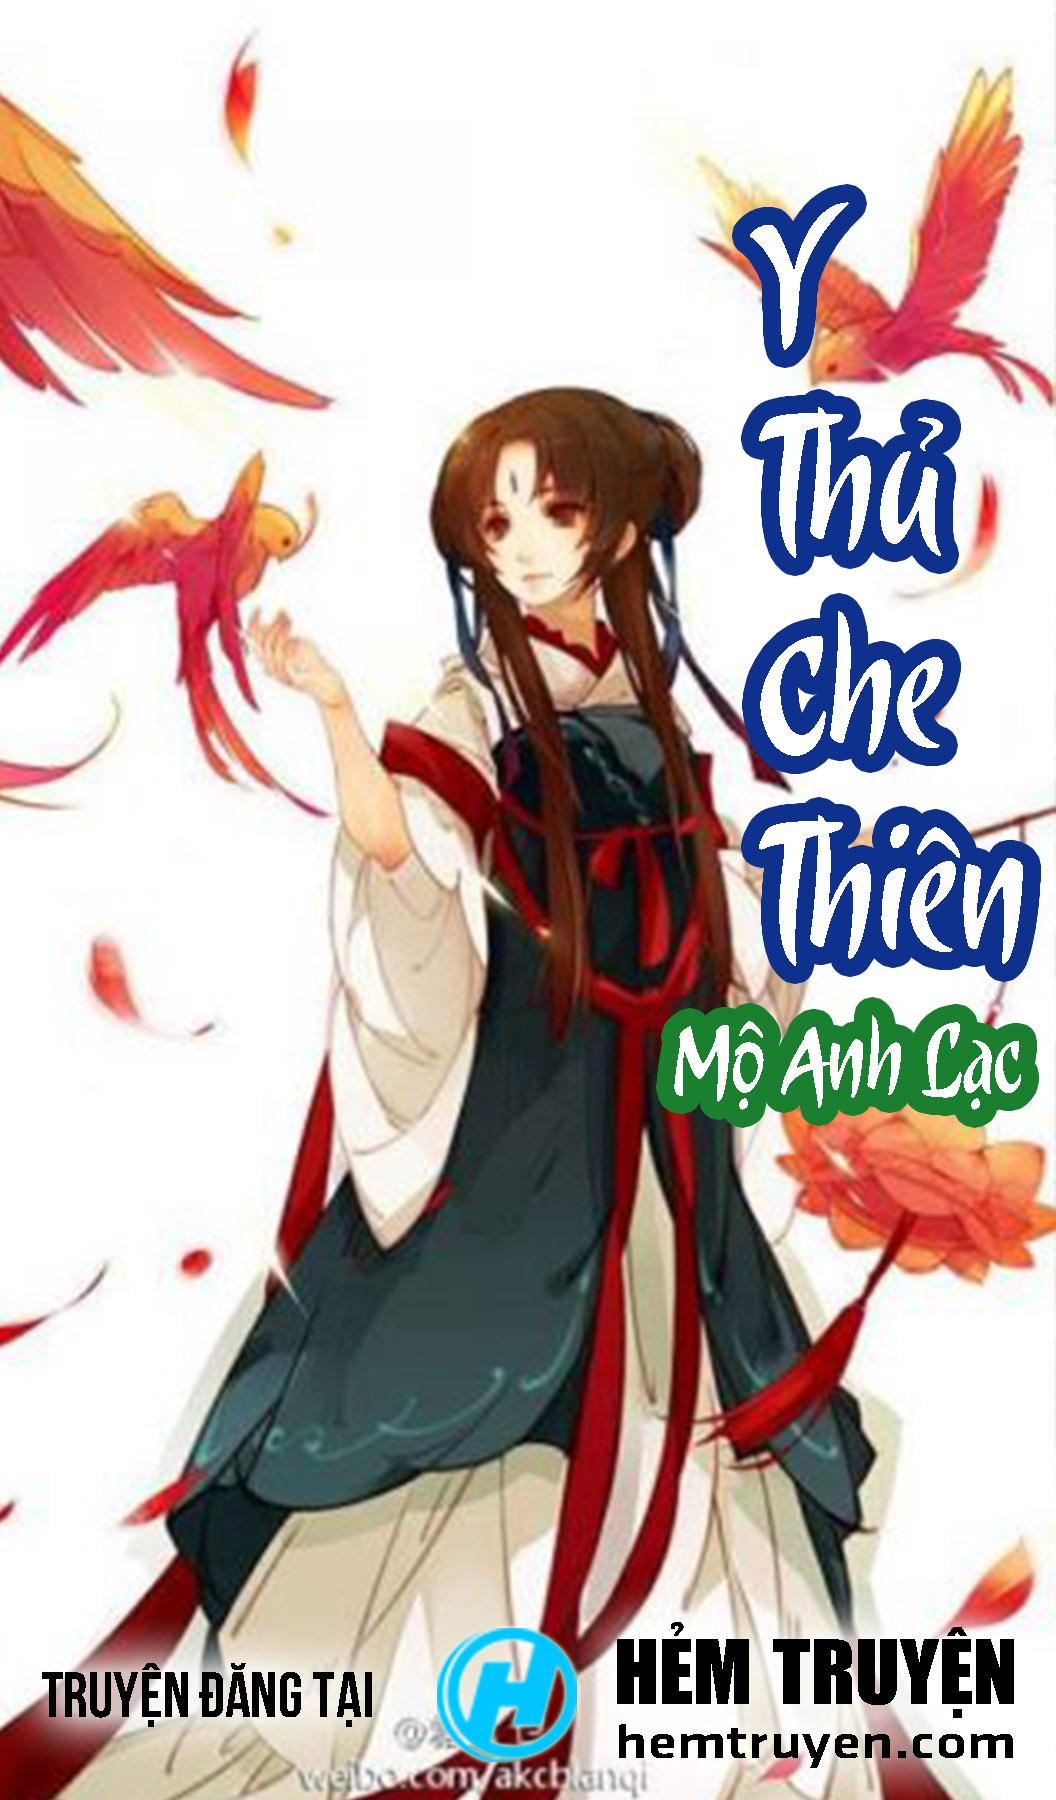 Y Thủ Che Thiên - Mộ Anh Lạc